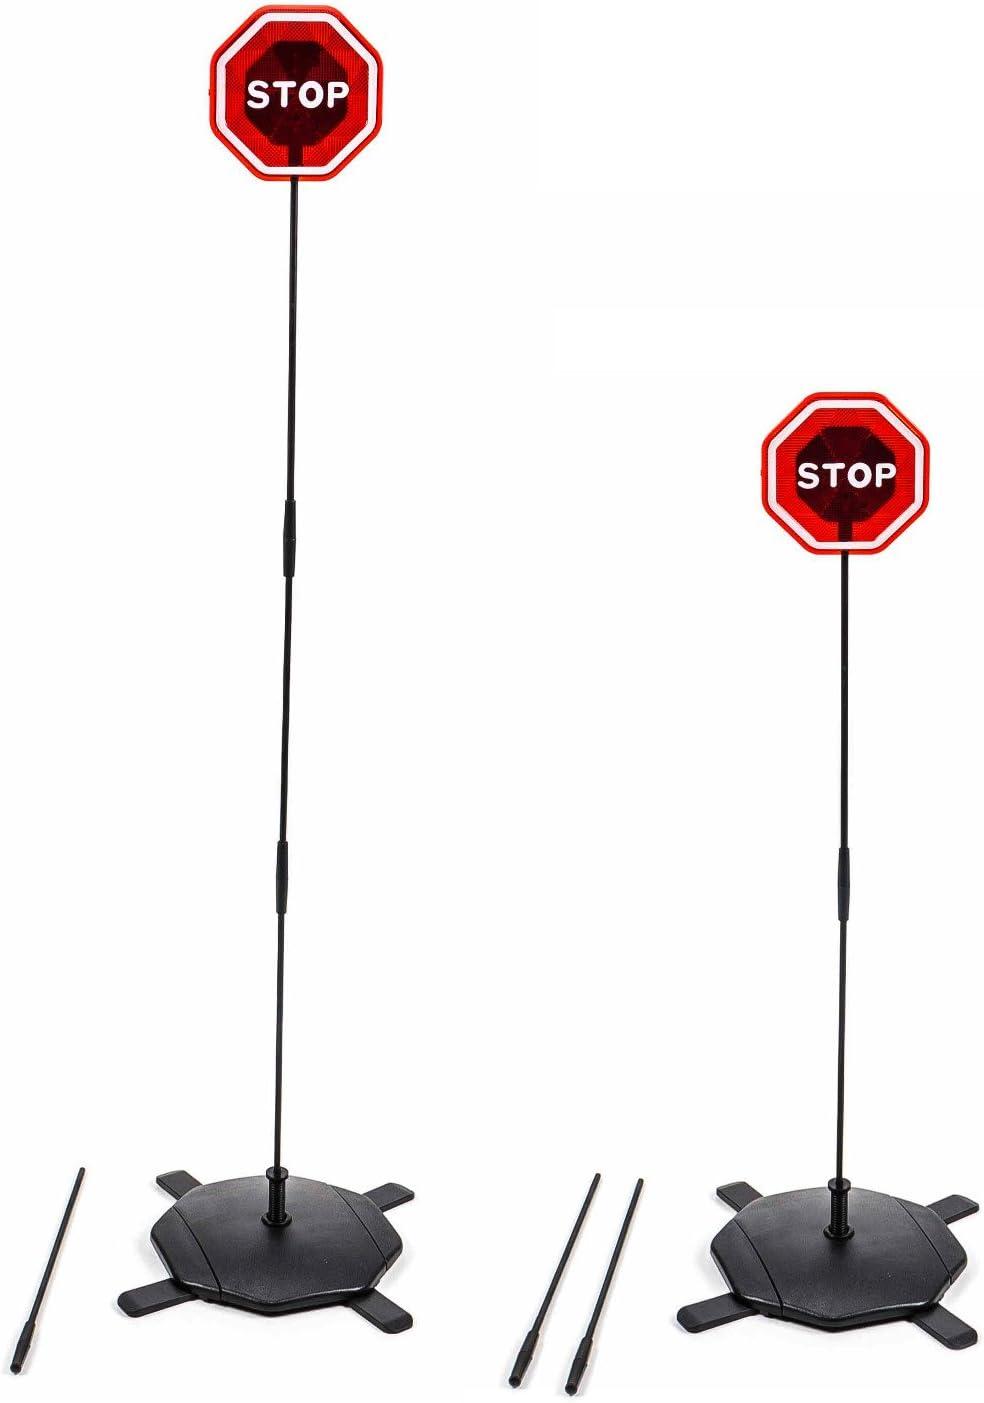 Einparkhilfe Extern Für Garage Oder Carport Blinkt Bei Berührung Fahrtraining Steckmontage Batteriebetrieb Navigation